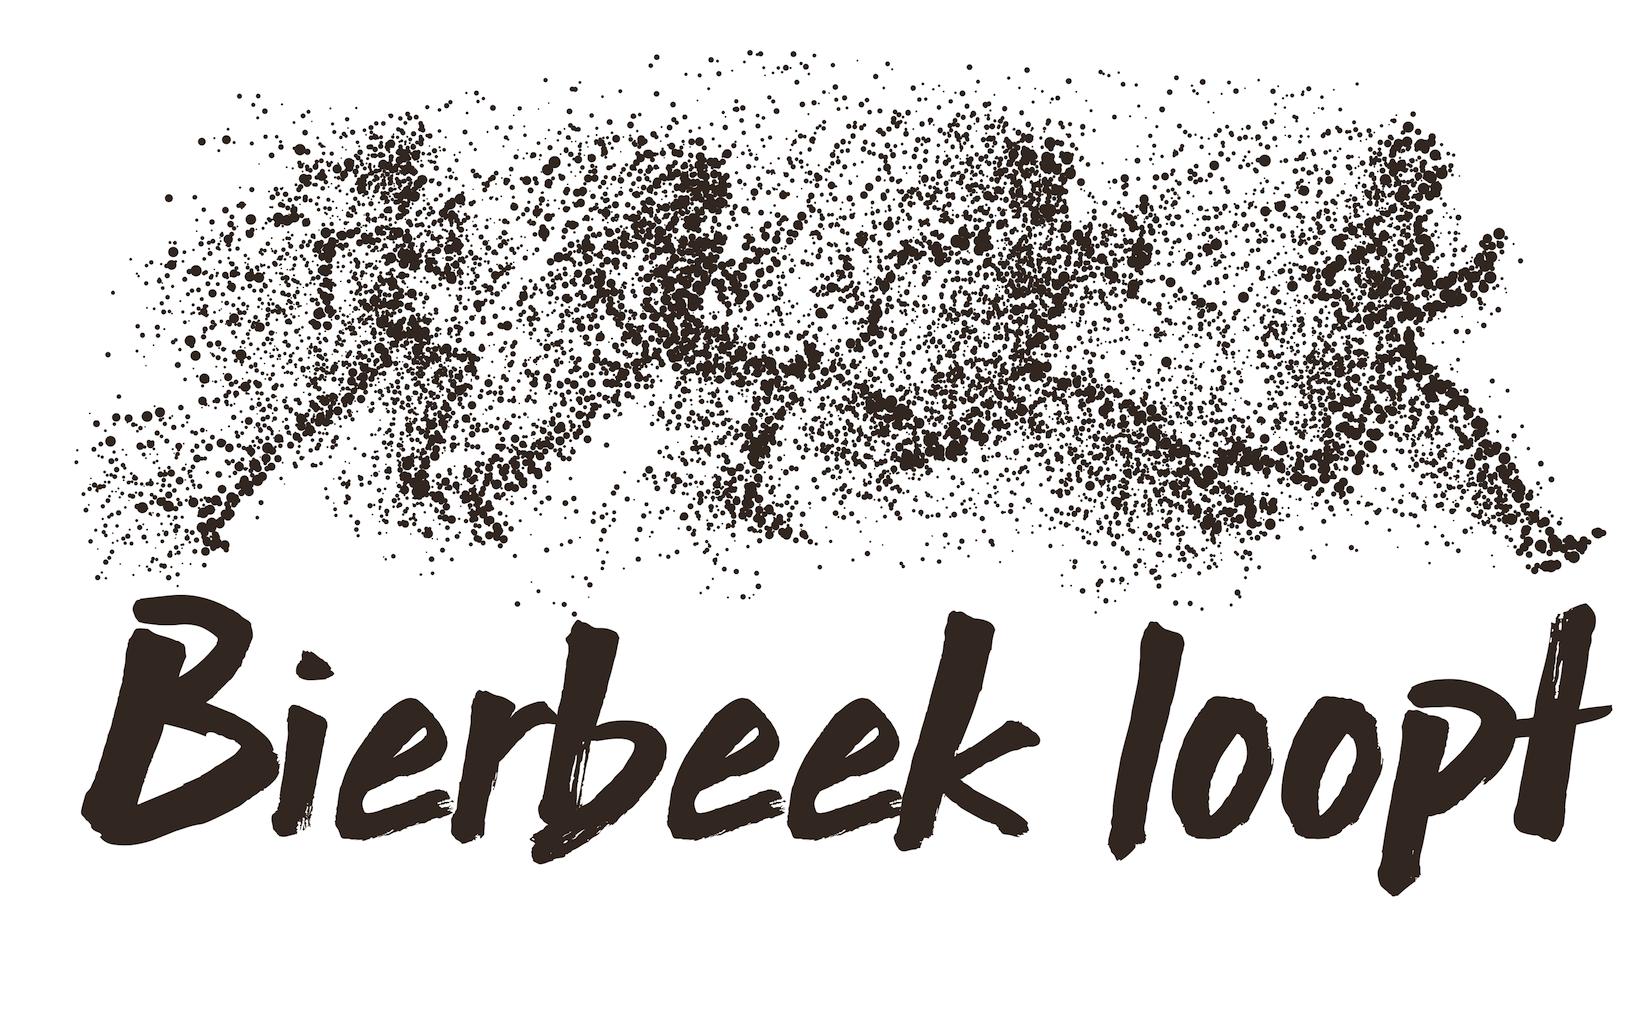 Bierbeek Loopt